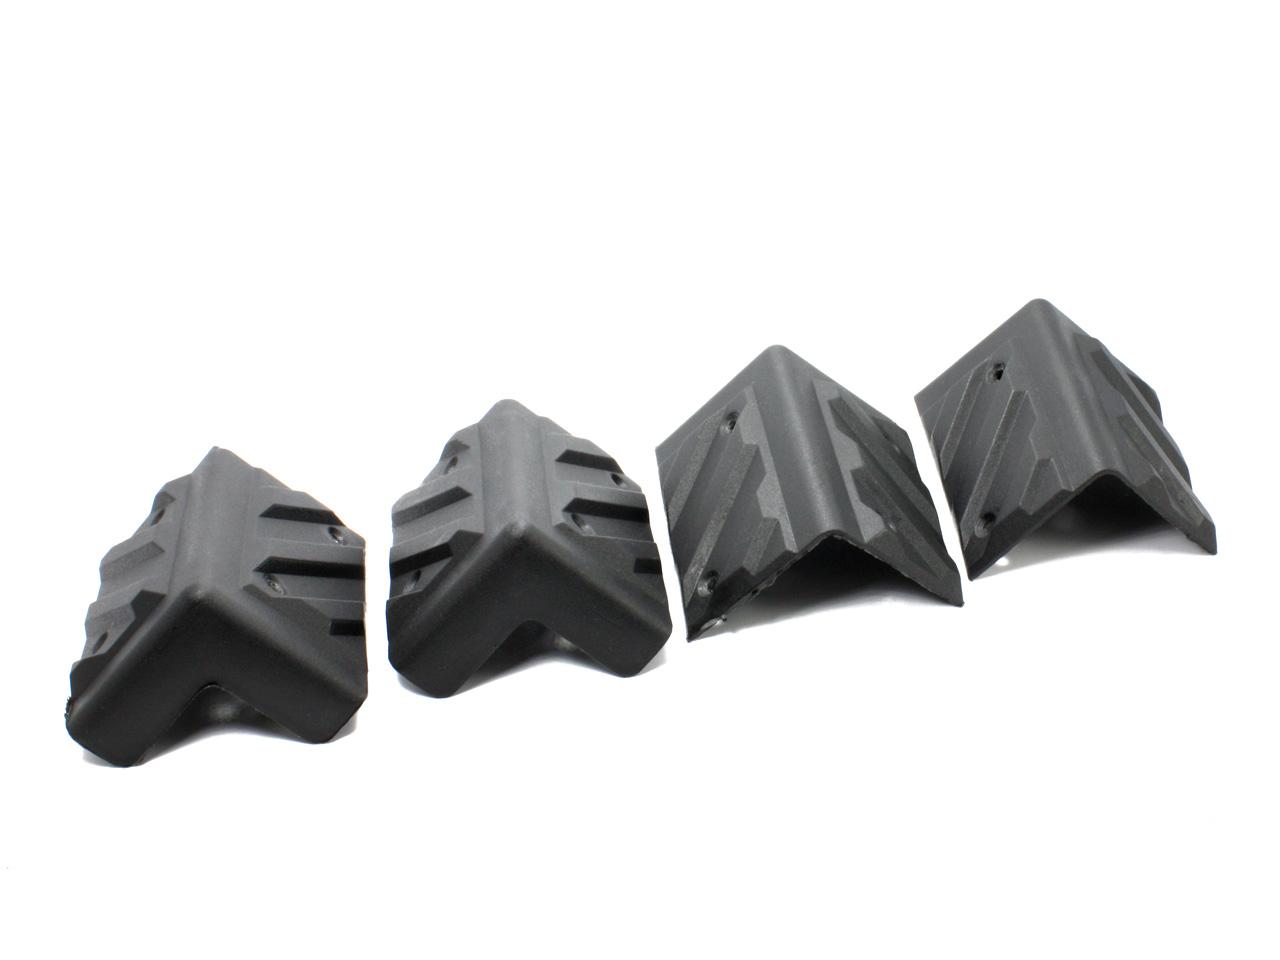 スピーカー角の保護に 樹脂製 スピーカー コーナーガード 超激得SALE 爆買い送料無料 4個セット 角型 サイズ大 角を保護 コーナープロテクター